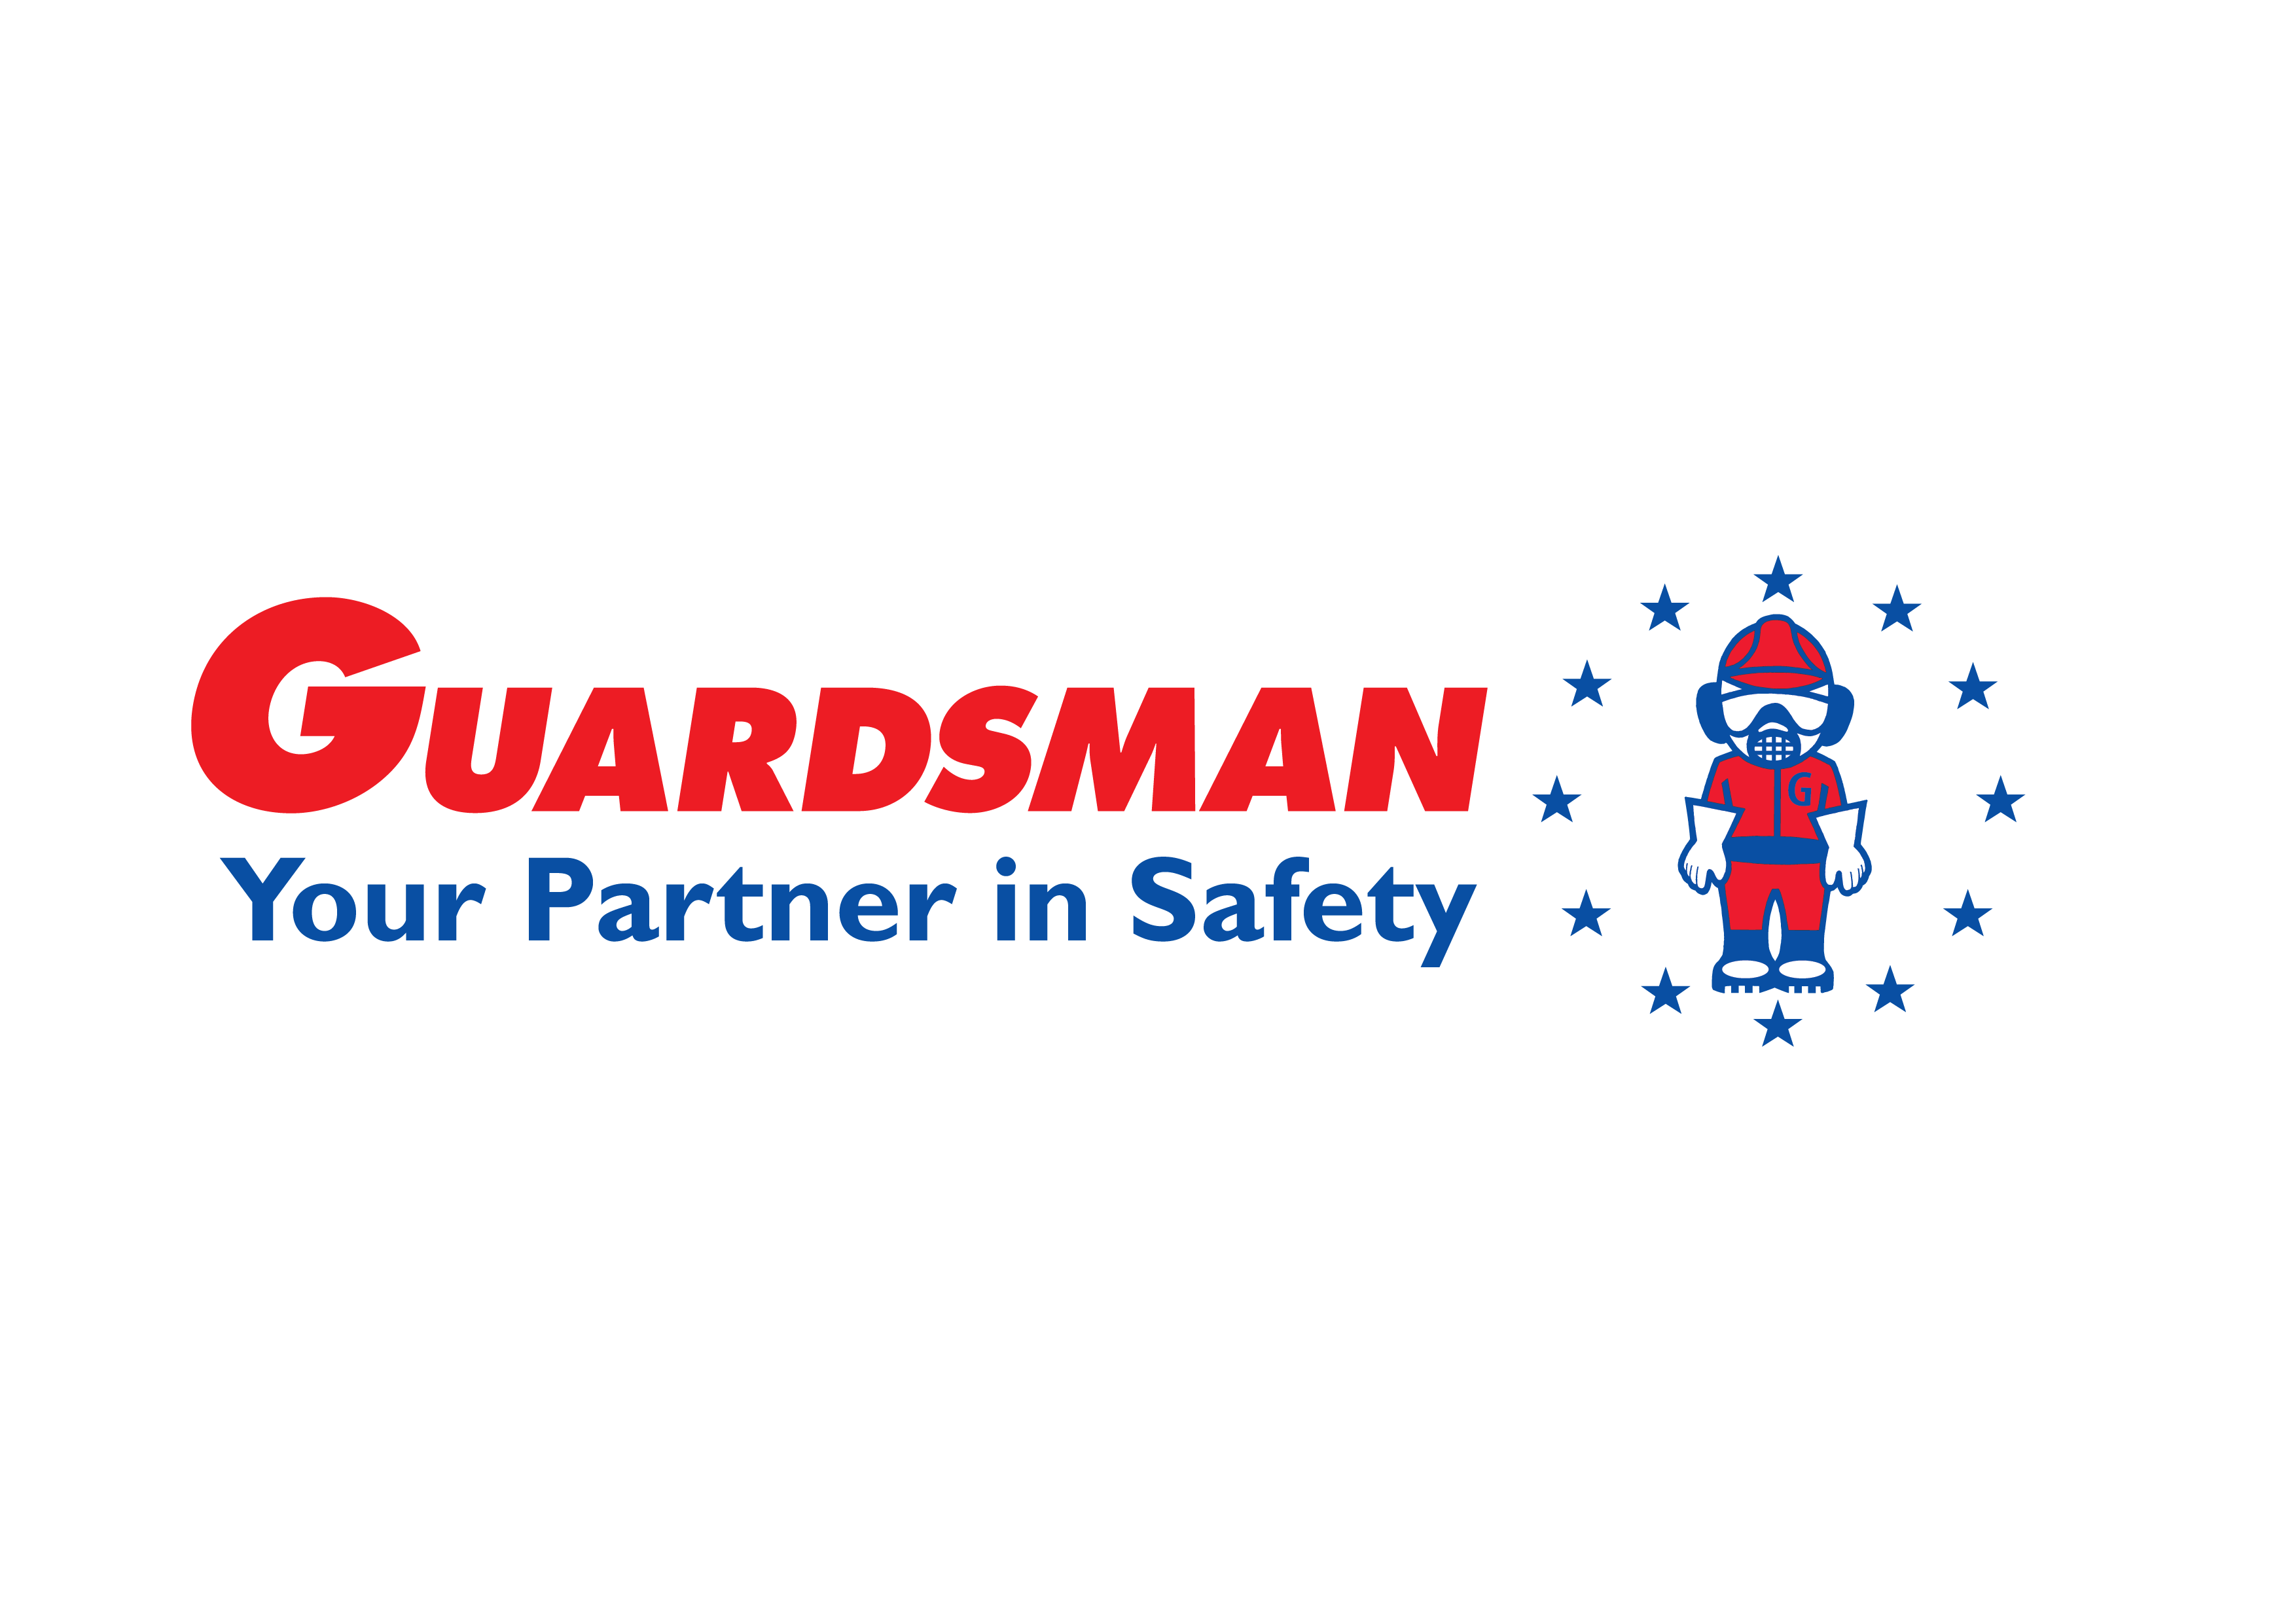 Guardsman partner in safety-01